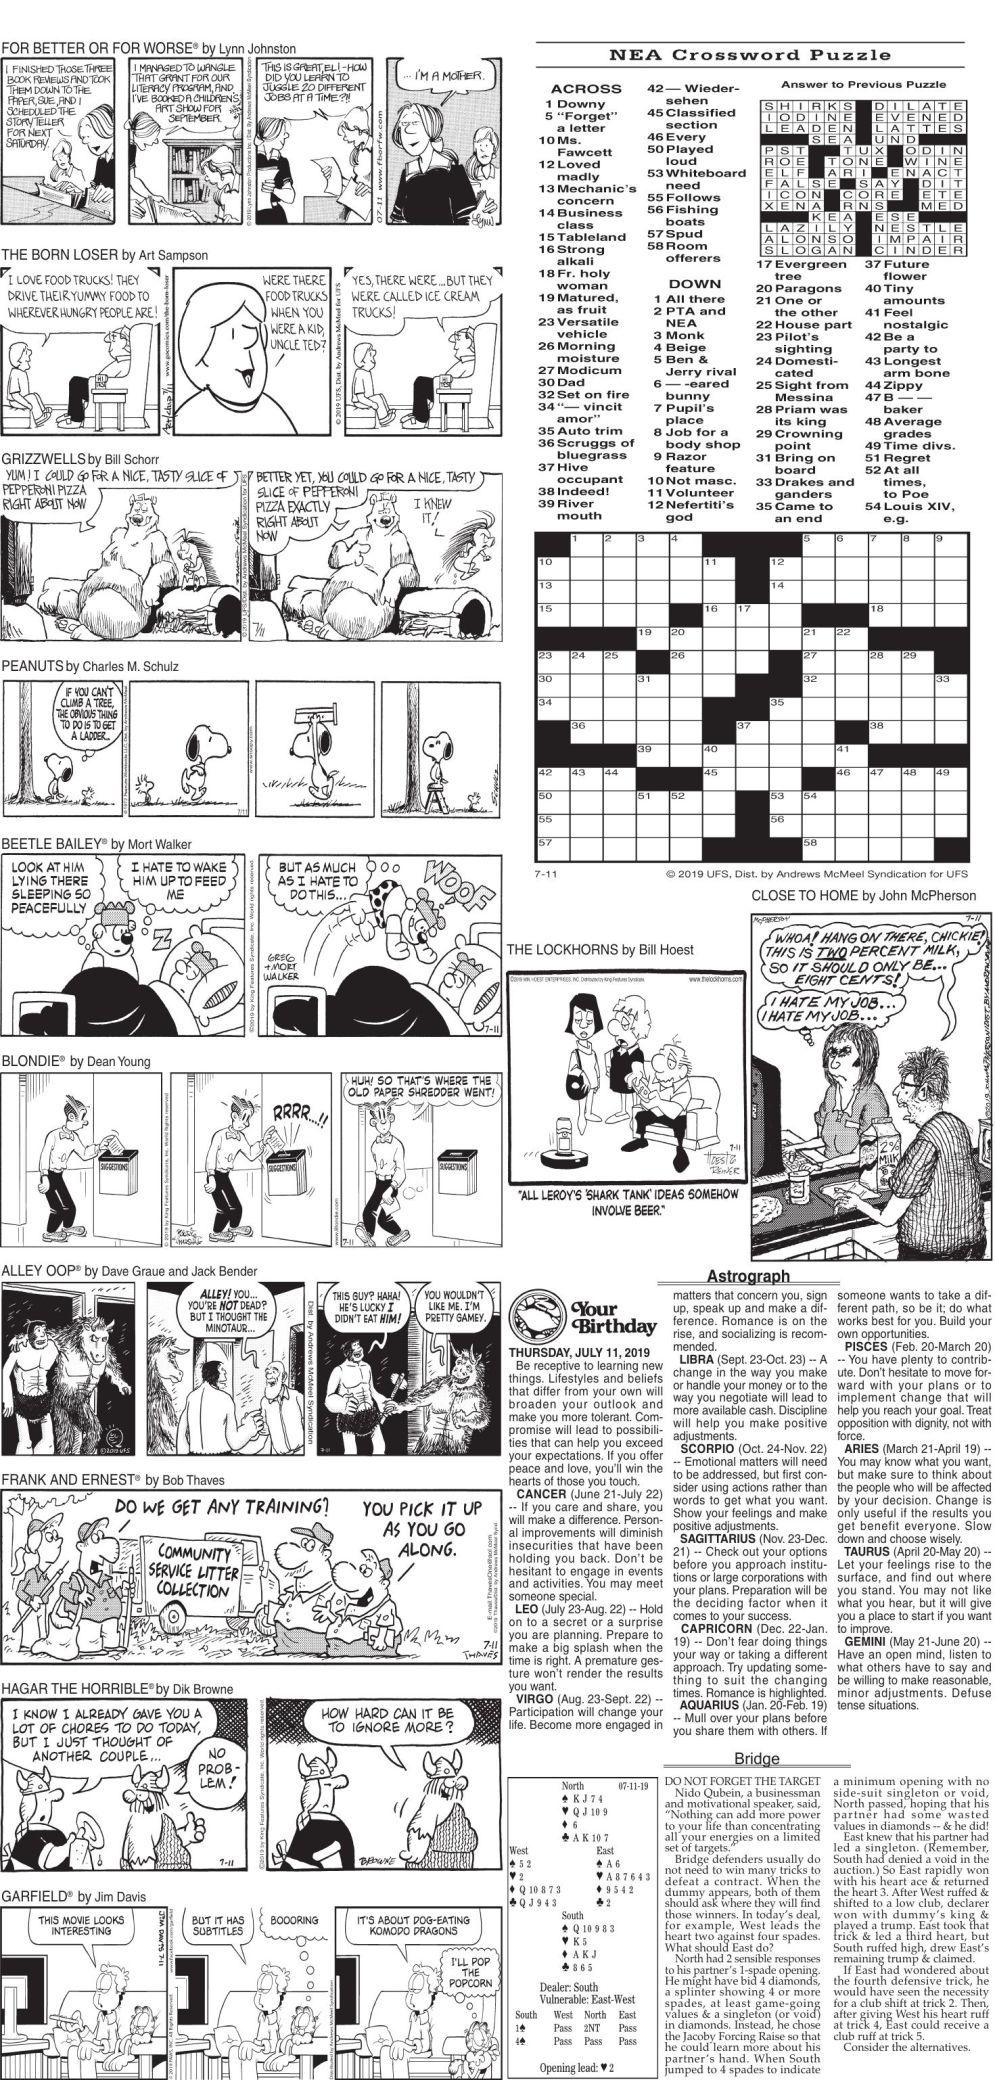 7.11 Comics